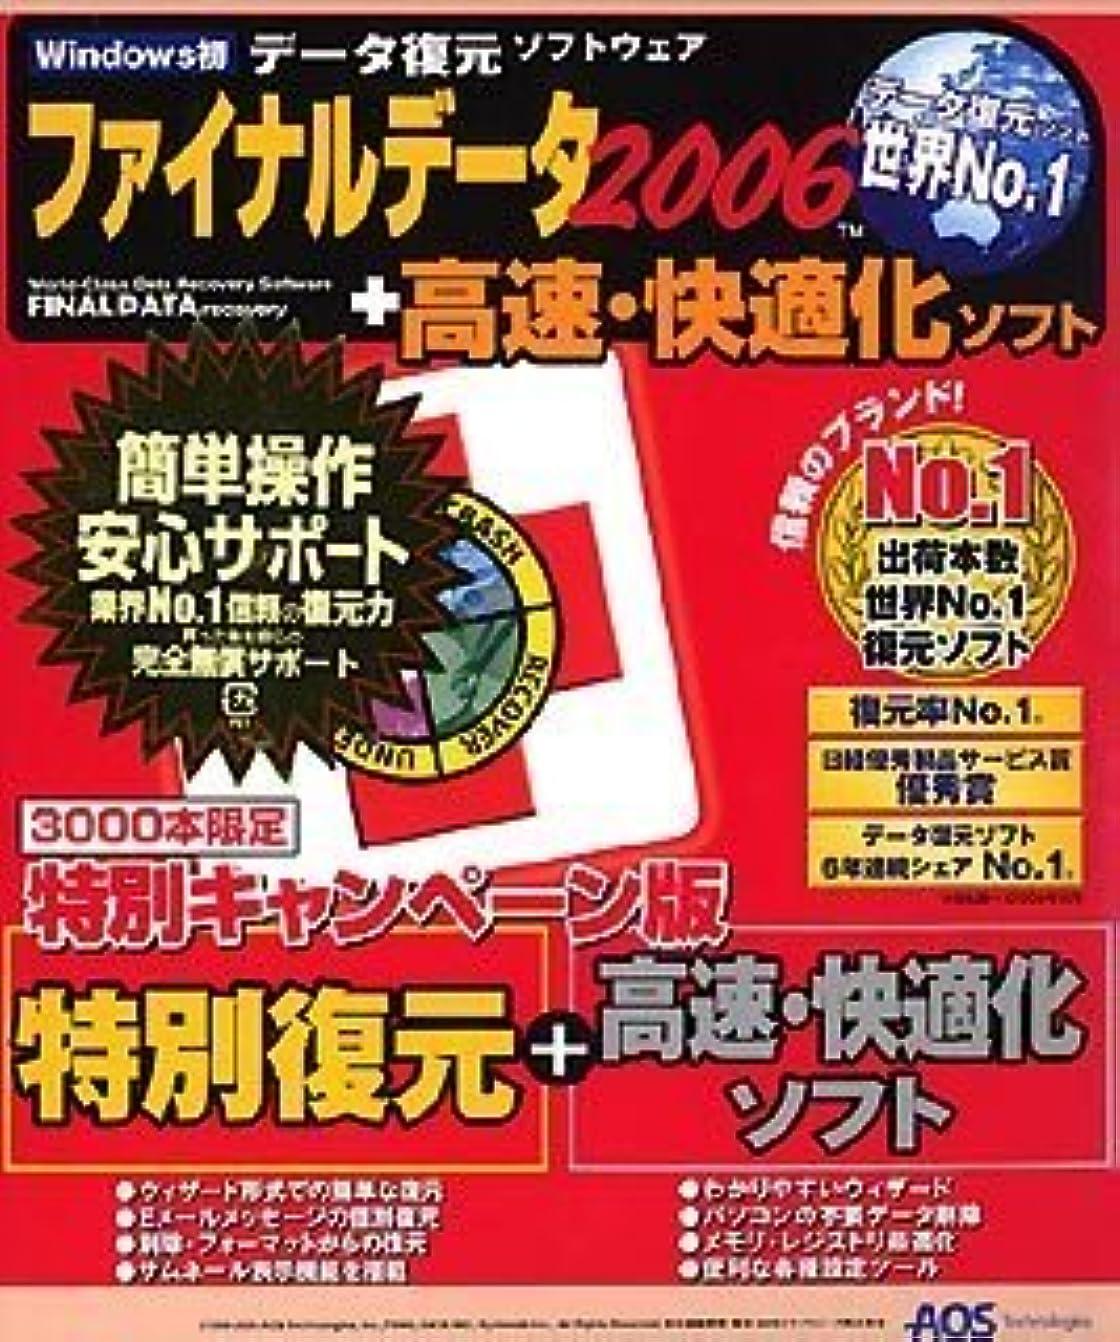 乙女孤独なしかしファイナルデータ2006 特別復元版 + 高速?快適化 3000本限定キャンペーン版